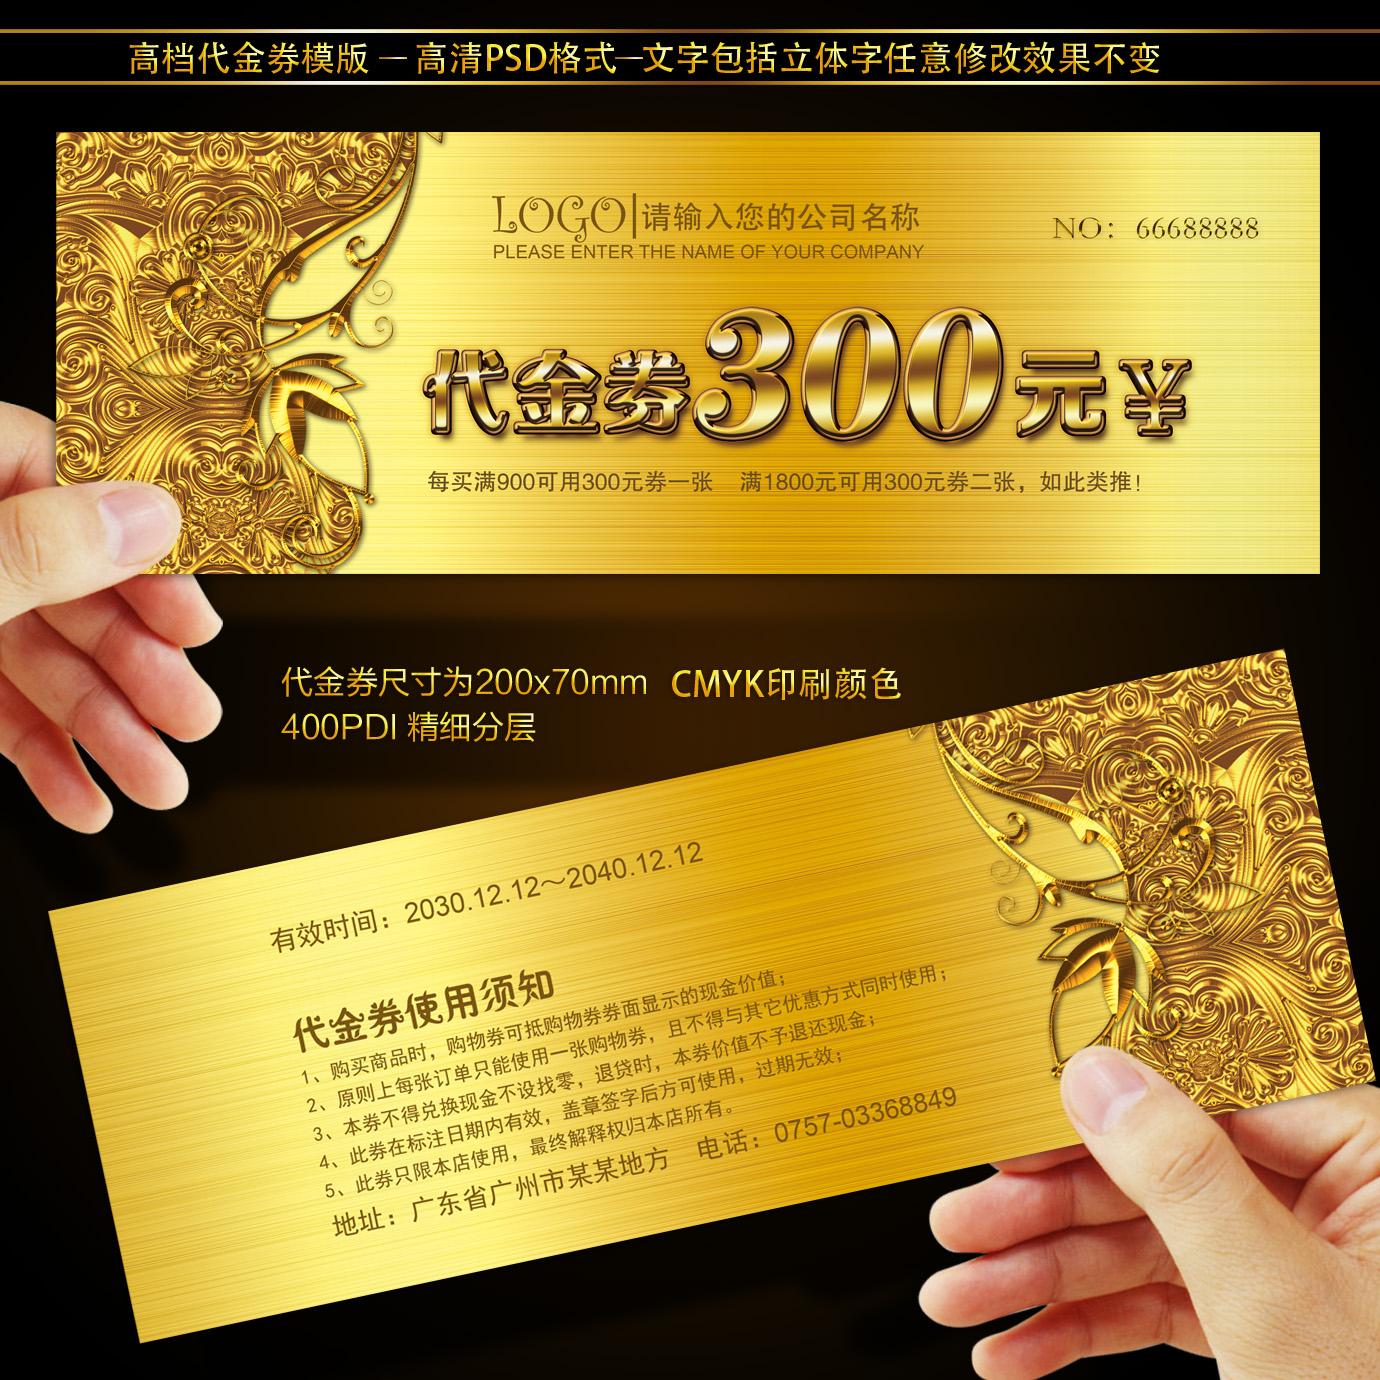 代金券 抽奖券 现金抵用券 门票入场券 优惠券 卡 定制作印刷设计